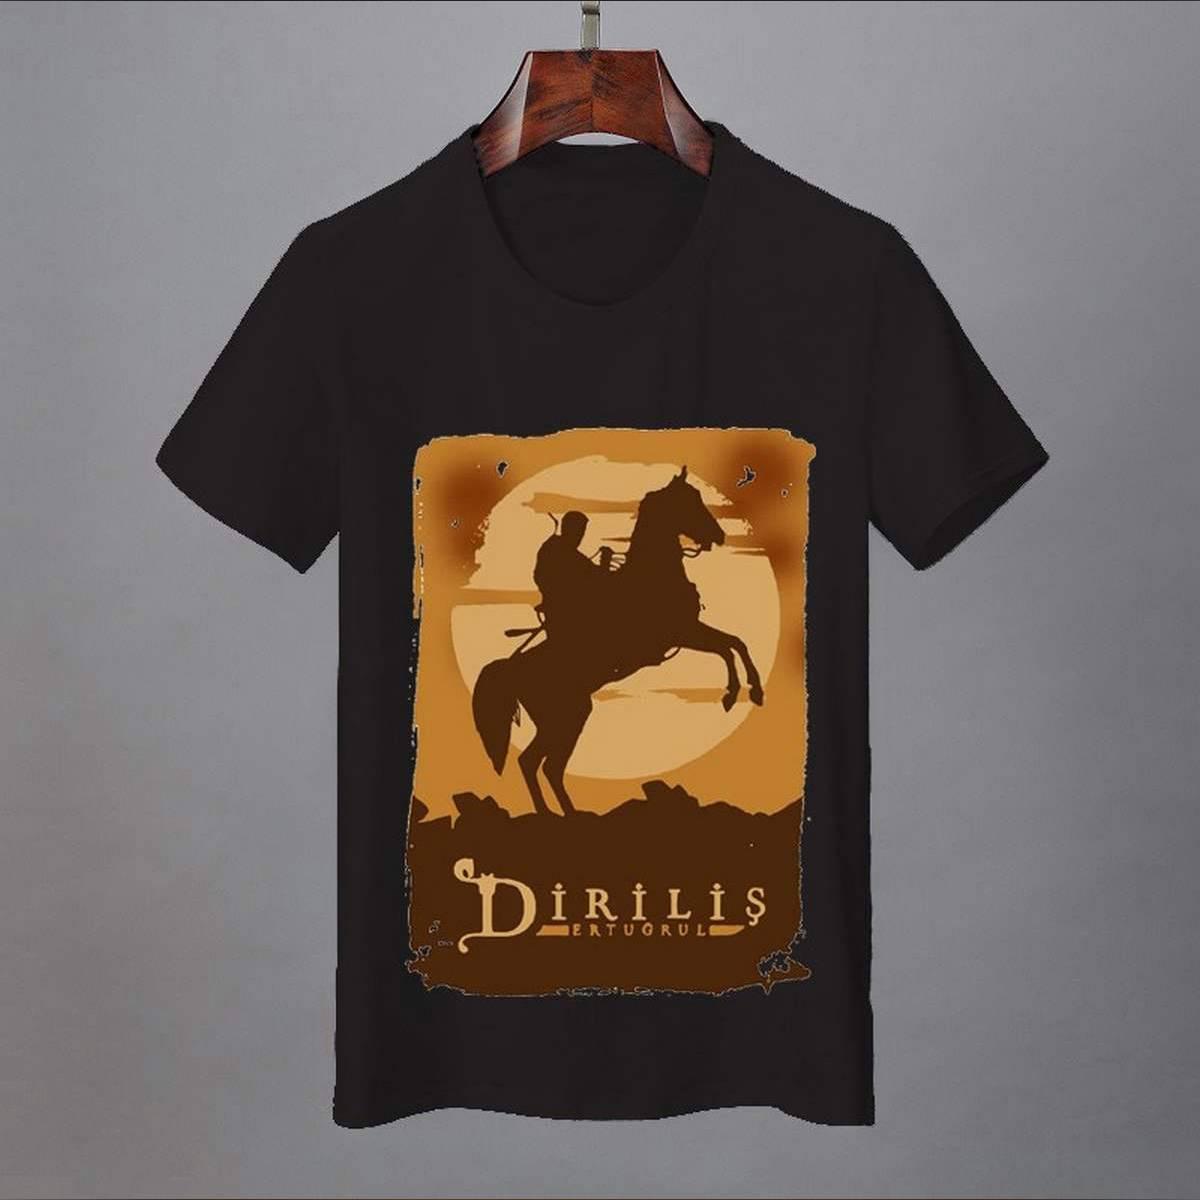 Dirilis Ertugrul Printed T-shirt For Men